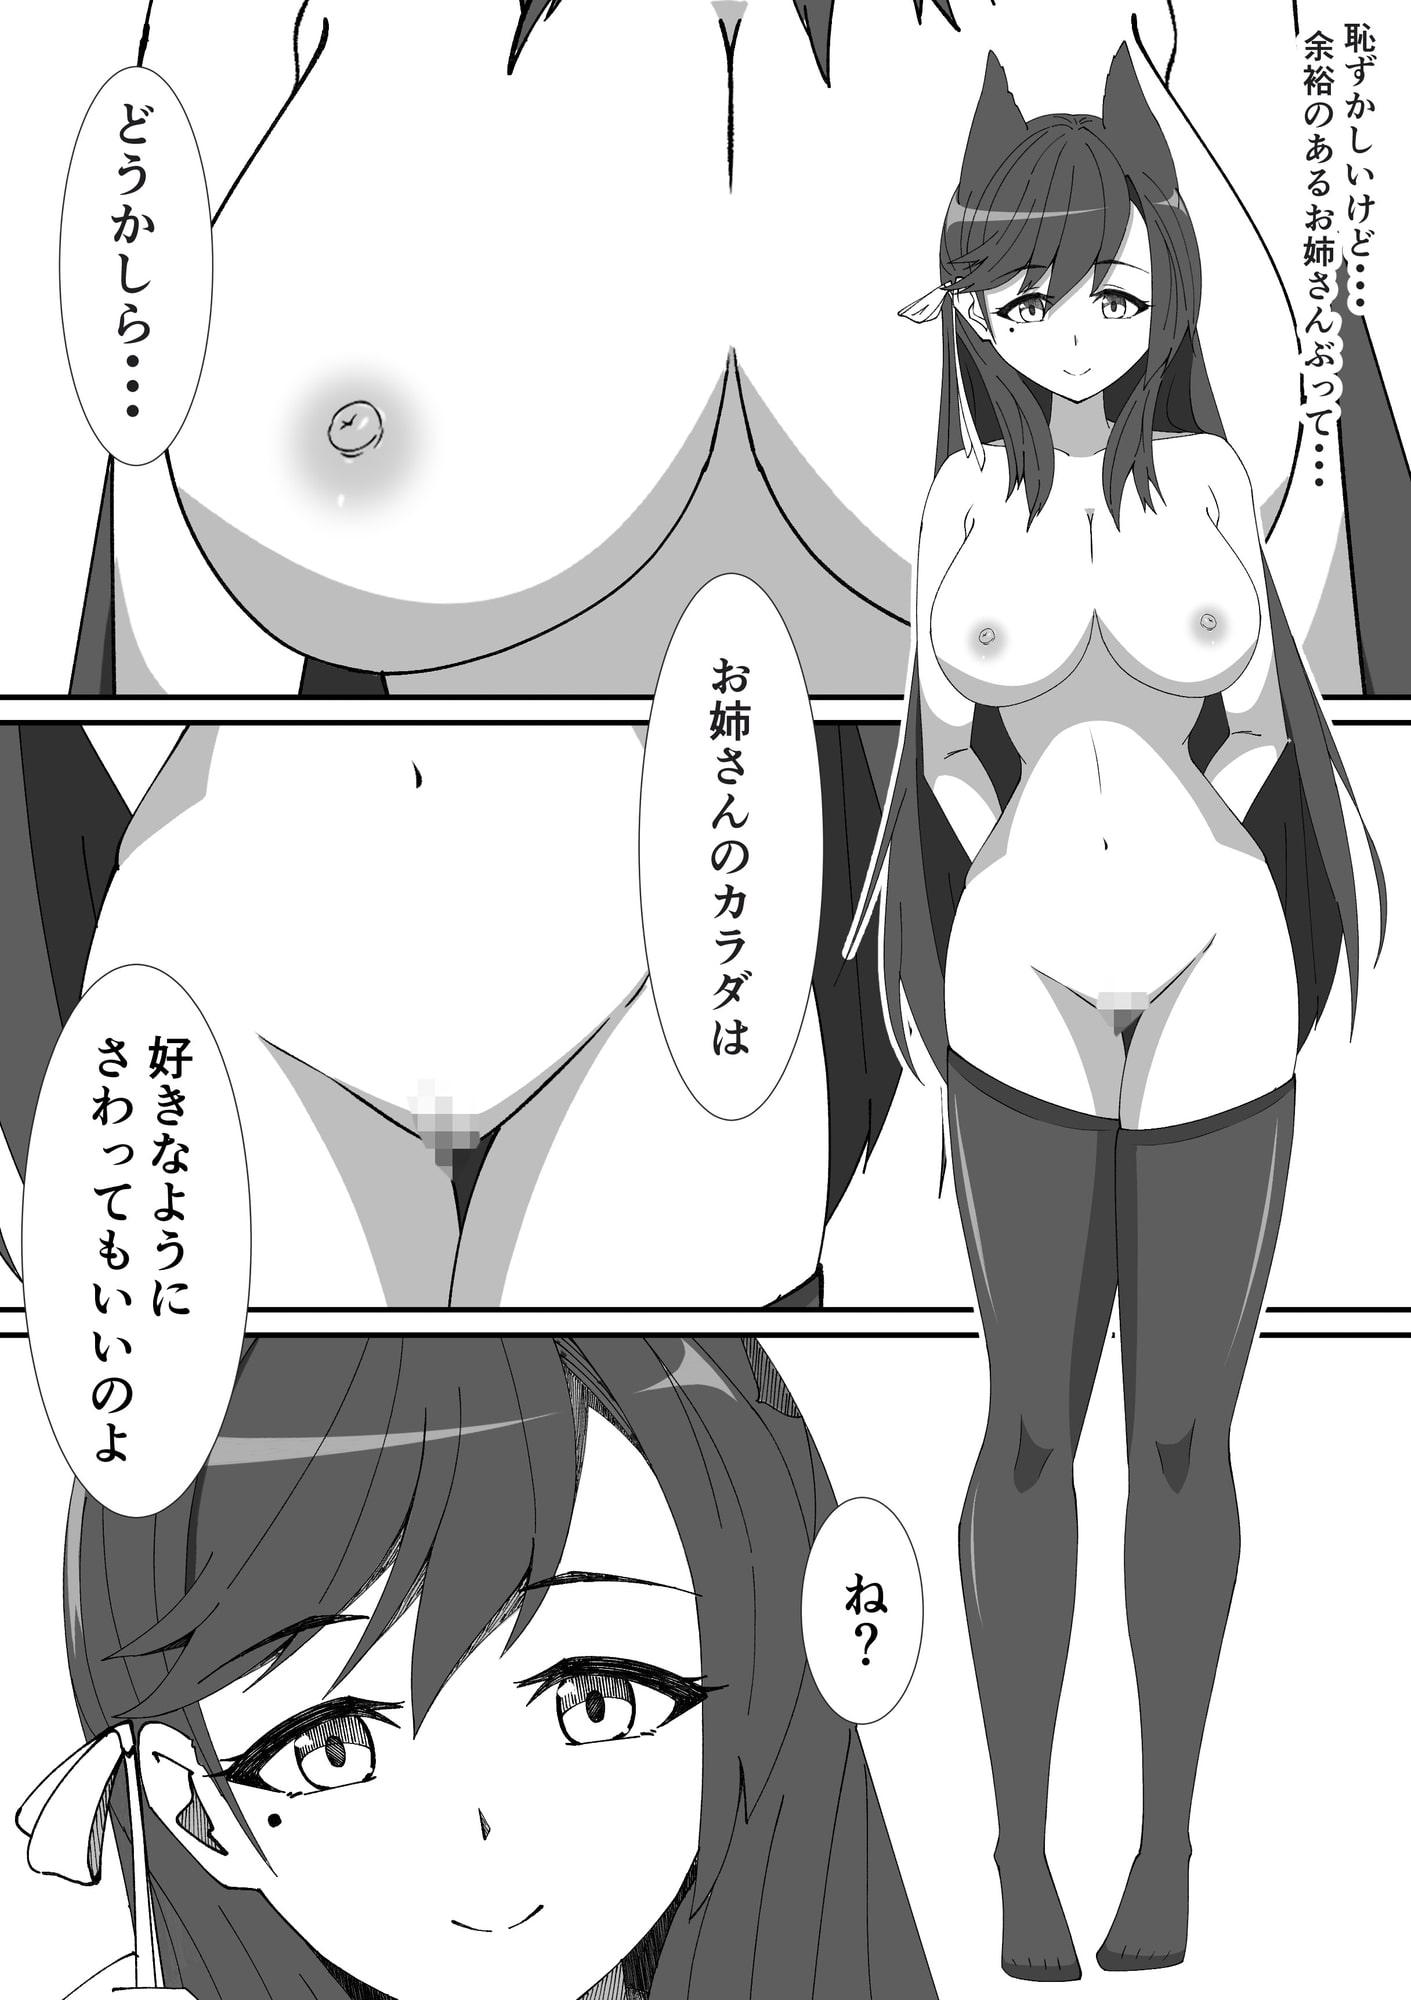 RJ326354 愛宕お姉ちゃんとちゅっちゅしよ [20210905]